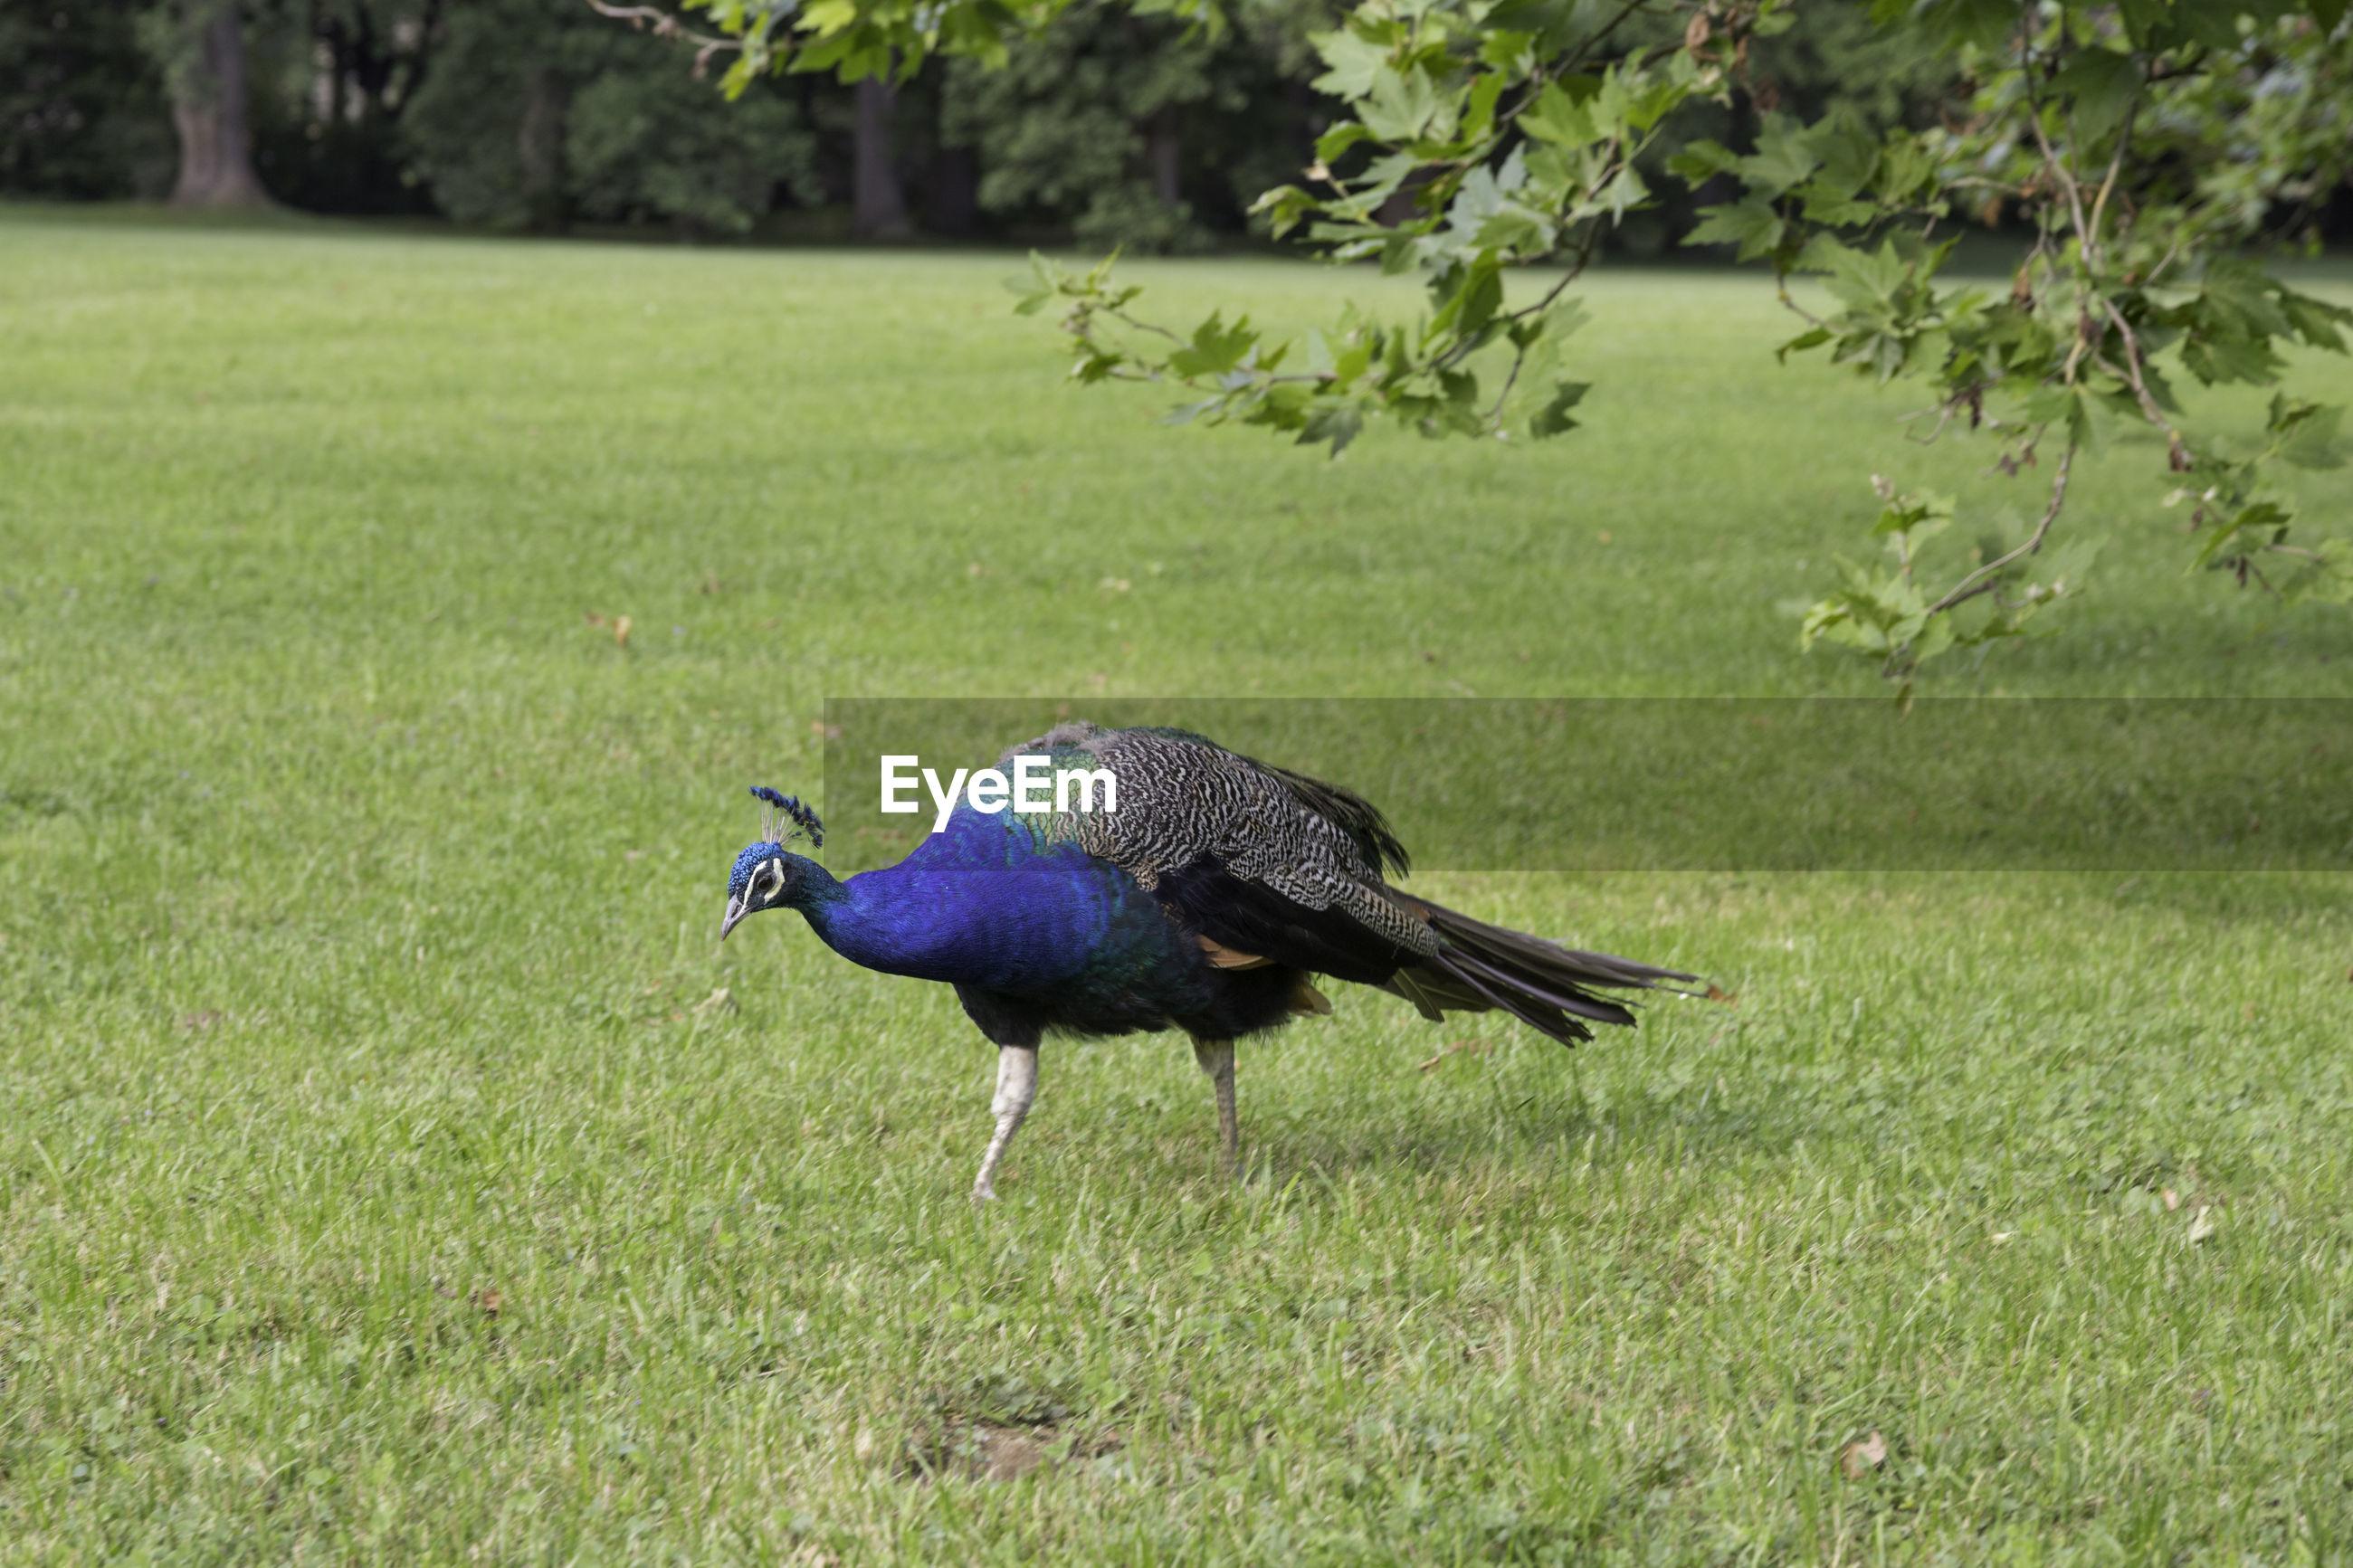 BIRD IN A FIELD